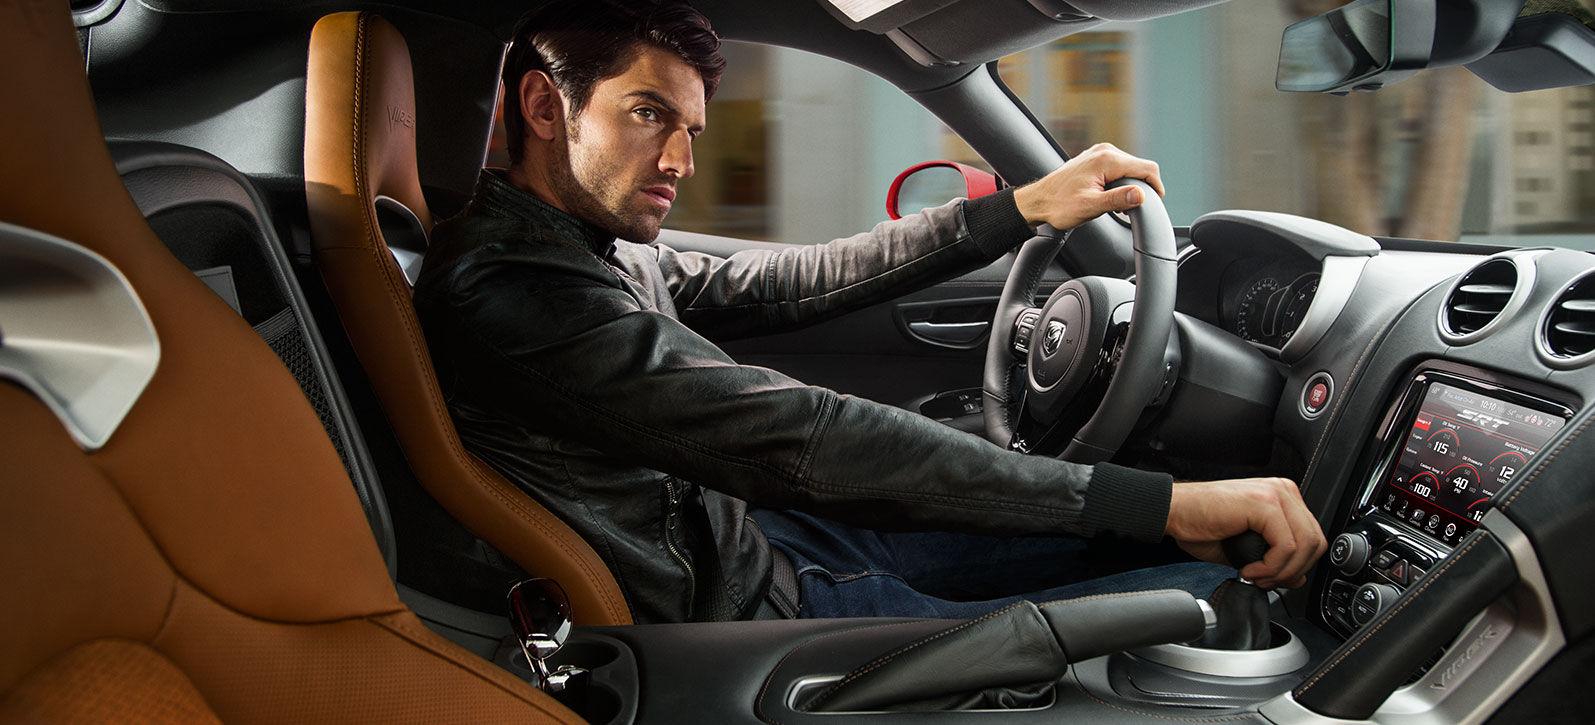 New Dodge Viper Interior main image